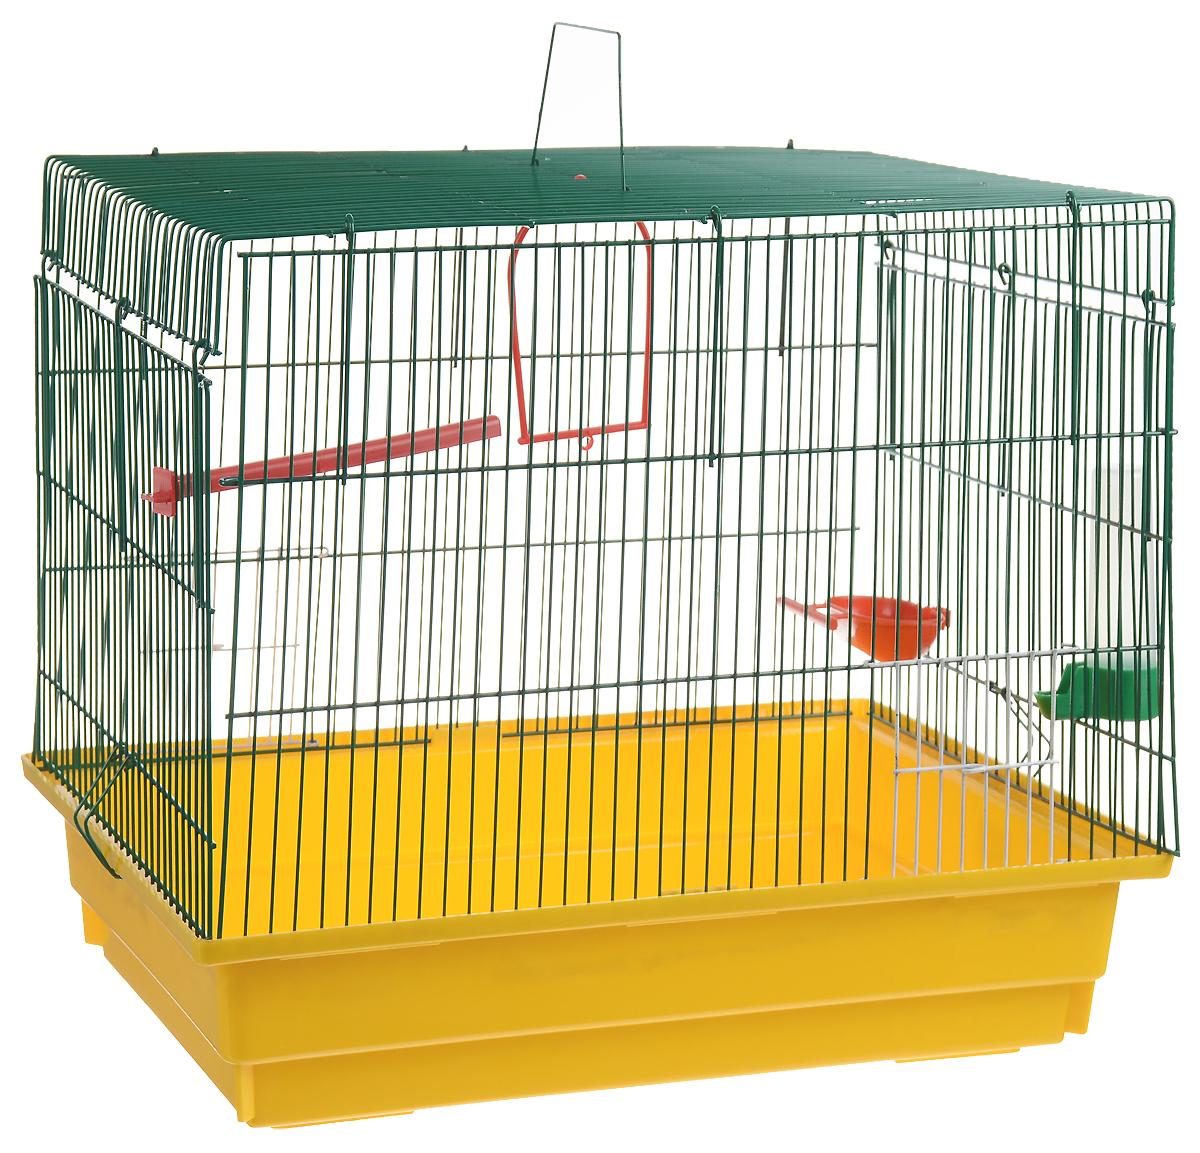 Клетка для птиц ЗооМарк, цвет: желтый поддон, зеленая решетка, 50 х 31 х 41 см725дк_желтый, красныйКлетка ЗооМарк, выполненная из полипропилена и металла с эмалированным покрытием, предназначена для птиц.Изделие состоит из большого поддона и решетки. Клетка снабжена металлической дверцей. Она удобна в использовании и легко чистится. Клетка оснащена жердочкой, кольцом для птицы, поилкой, кормушкой и подвижной ручкой для удобной переноски. Комплектация: - клетка с поддоном, - поилка; - кормушка;- кольцо.